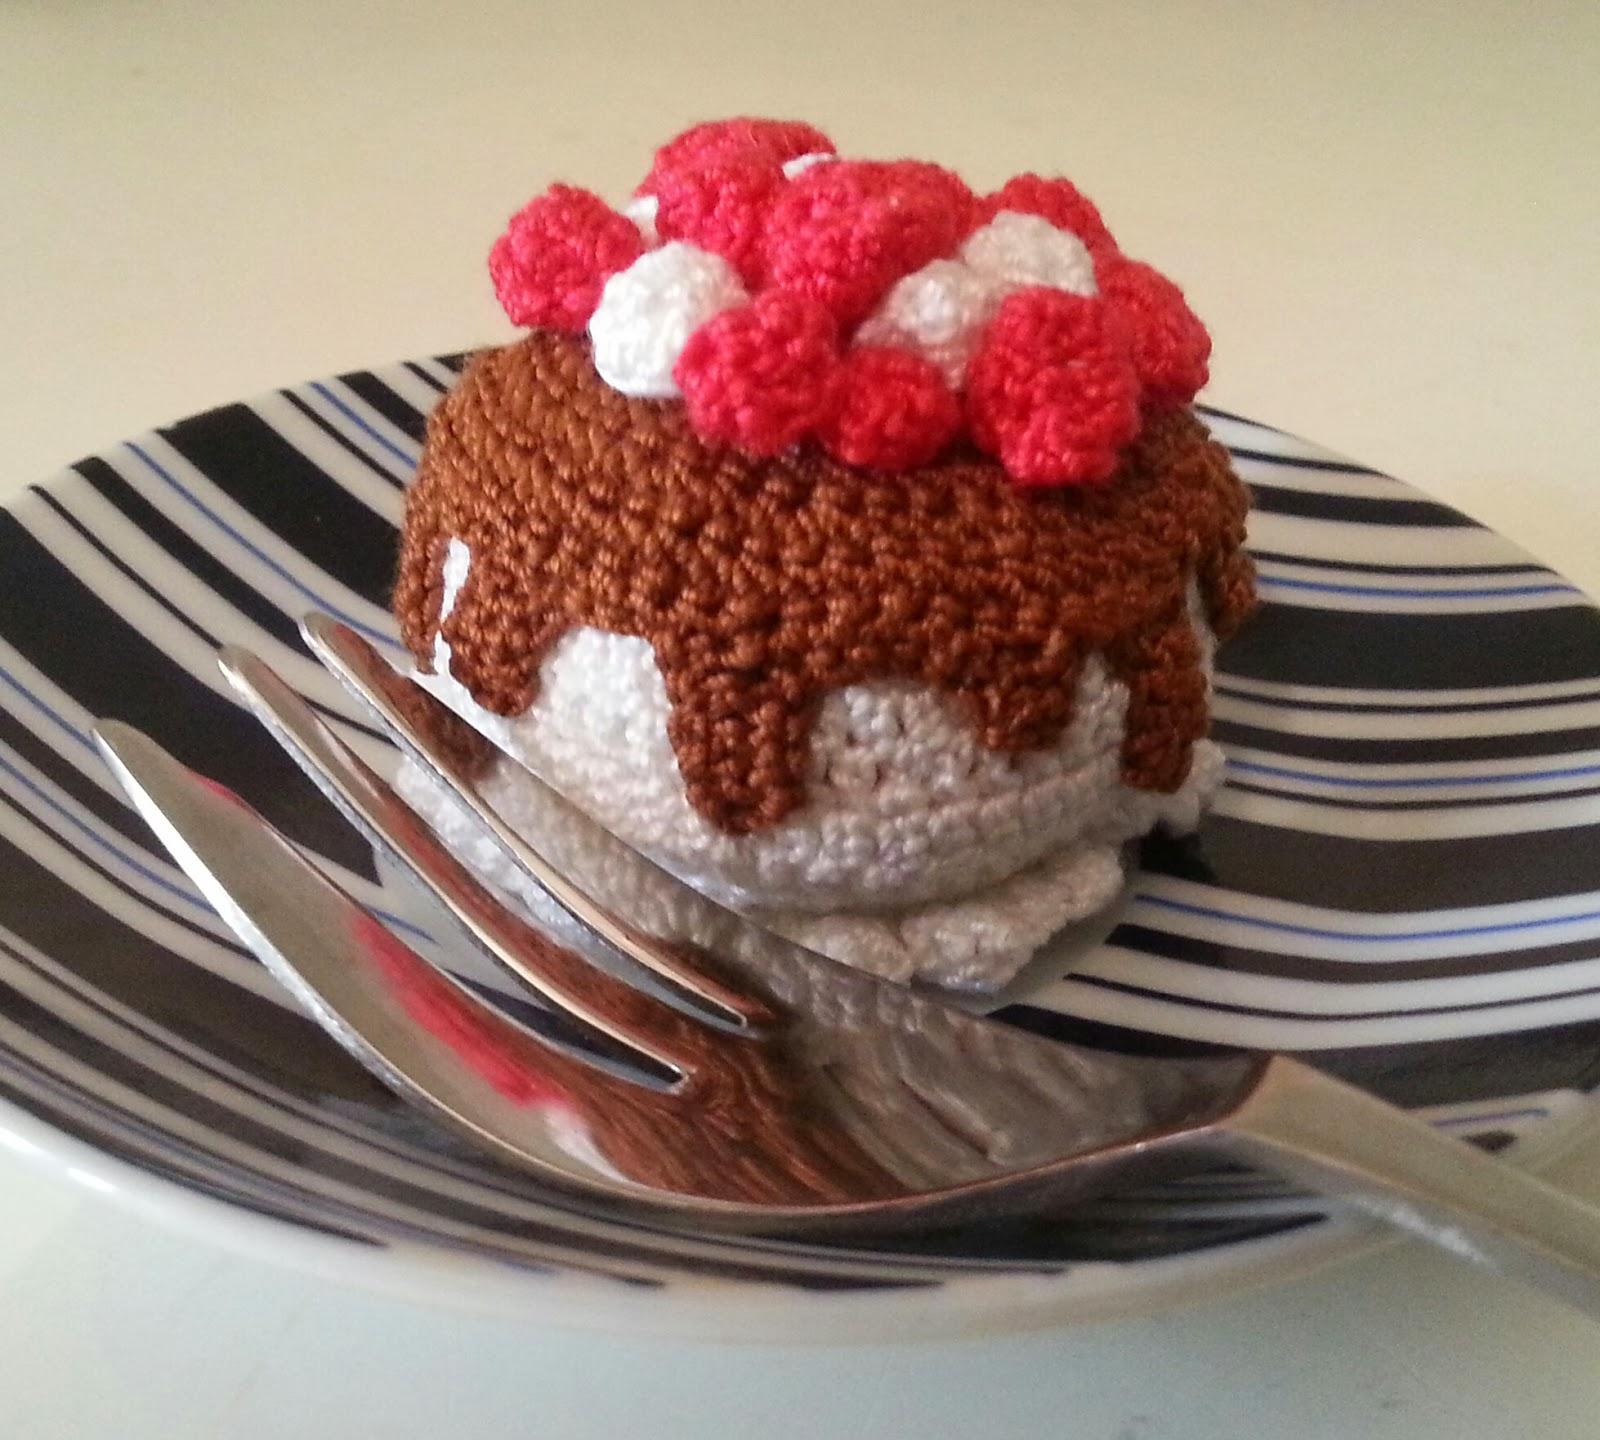 TUTORIAL - AMIGURUMI CAKE - Trionfo di panna e cioccolato